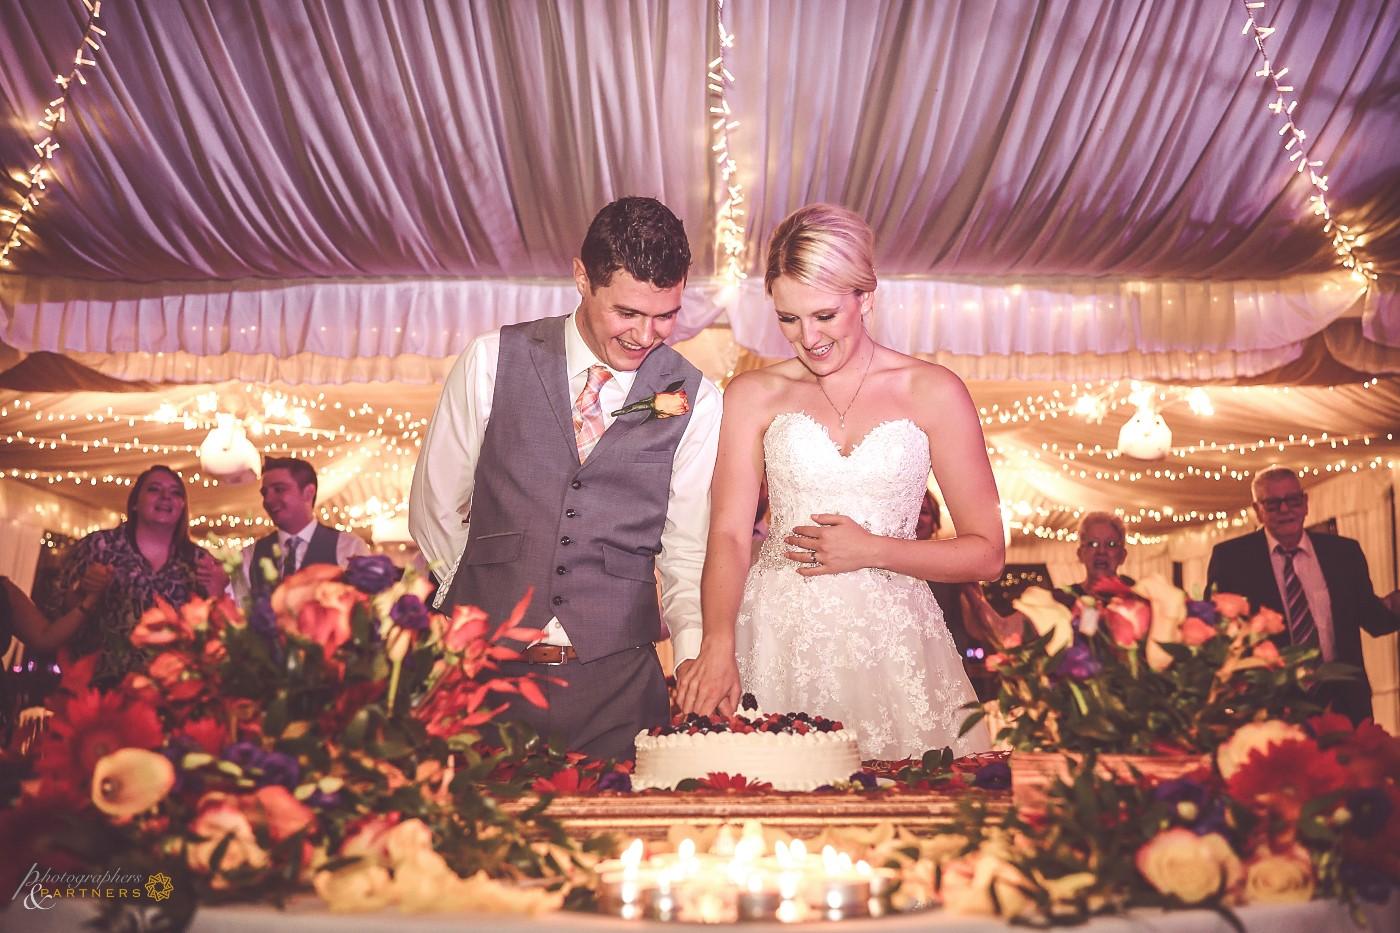 Cutting cake 🍰